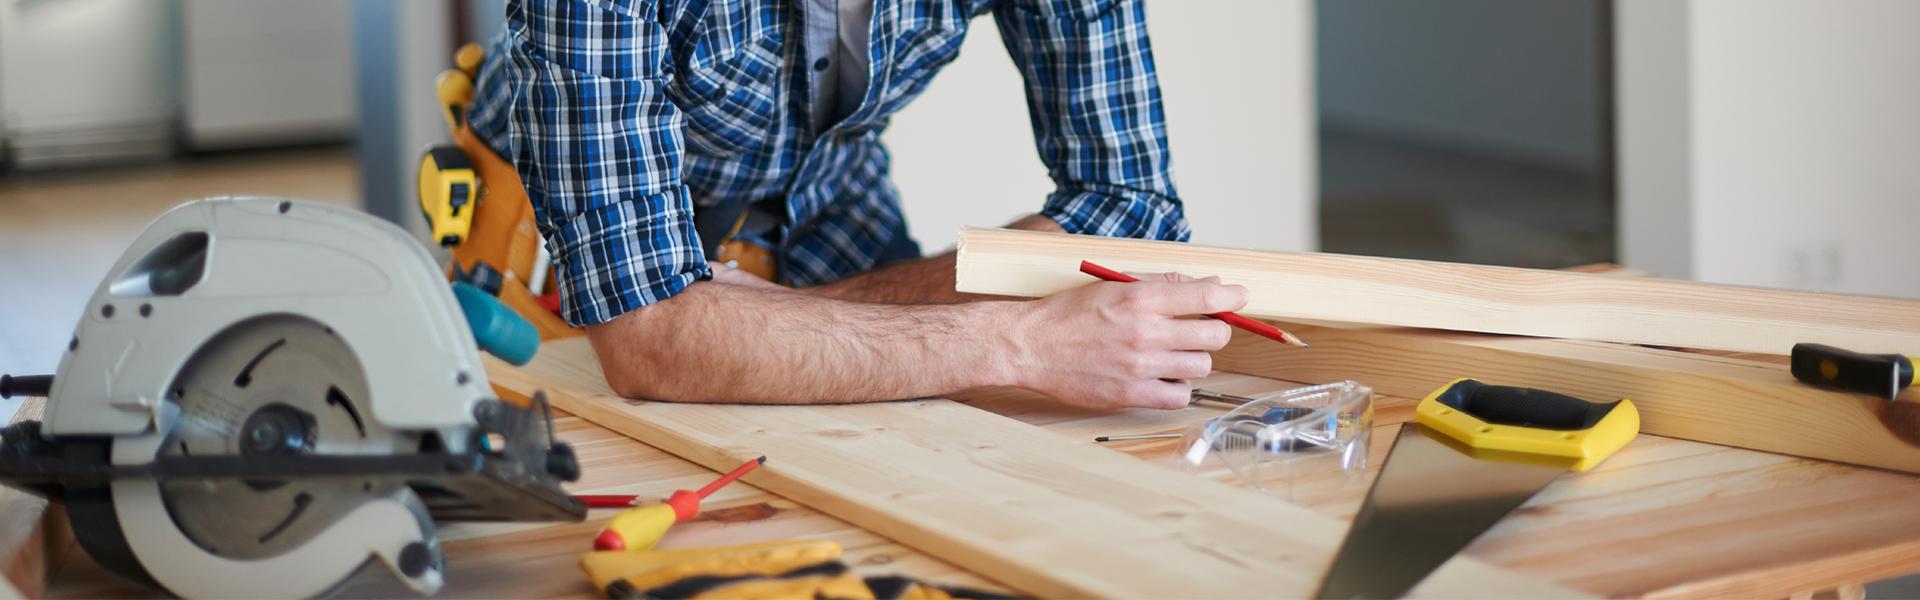 banner-1-expert-handyman